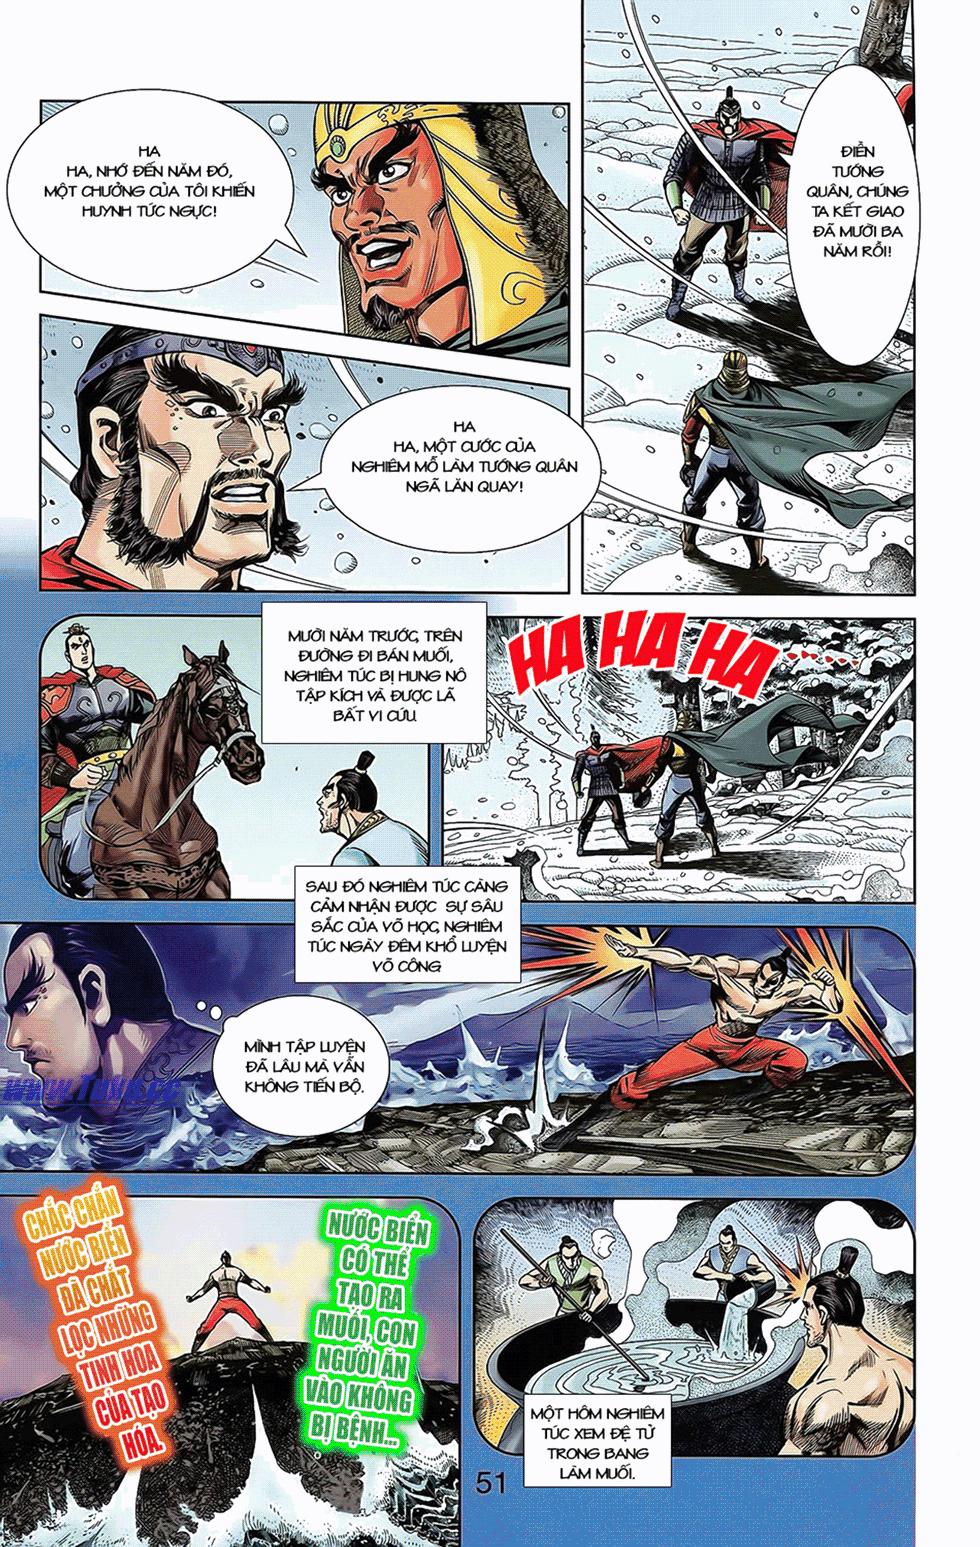 Tần Vương Doanh Chính chapter 7 trang 10